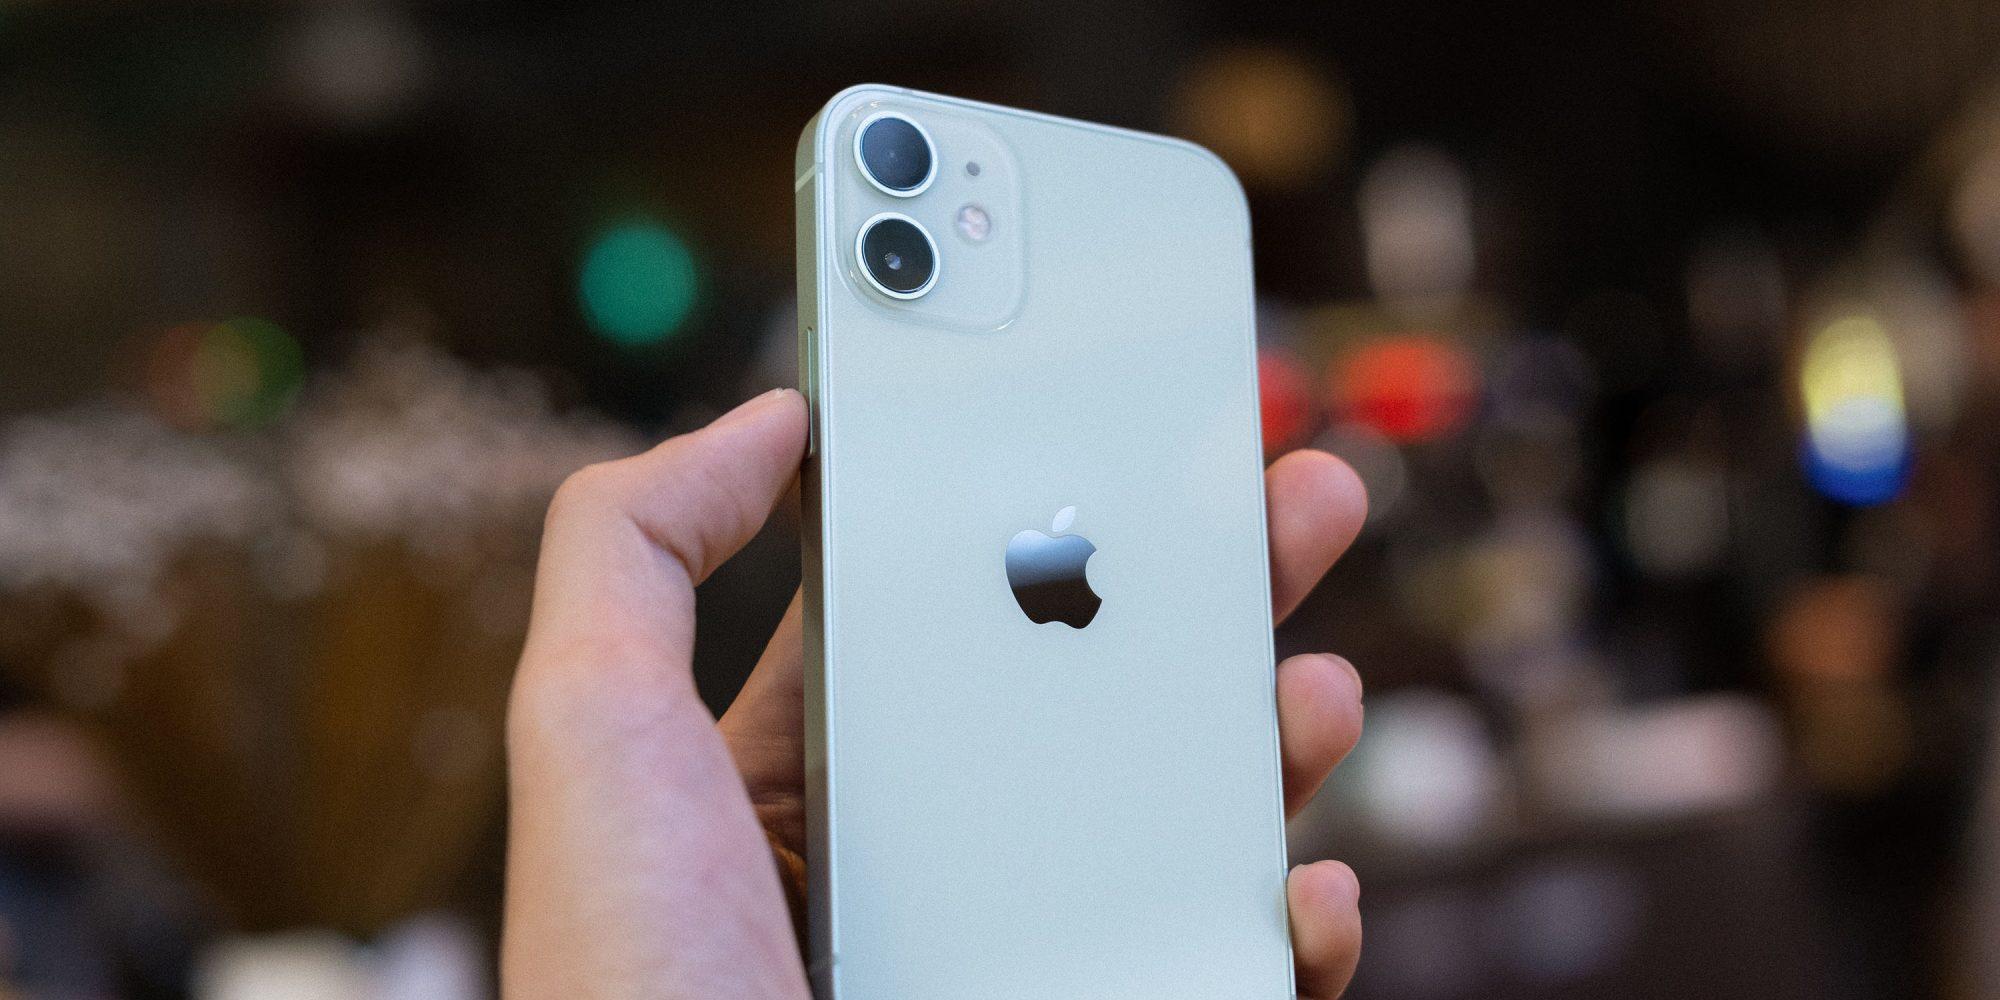 Из-за падения продаж iPhone 12 mini компании Apple придётся заплатить Samsung неустойку